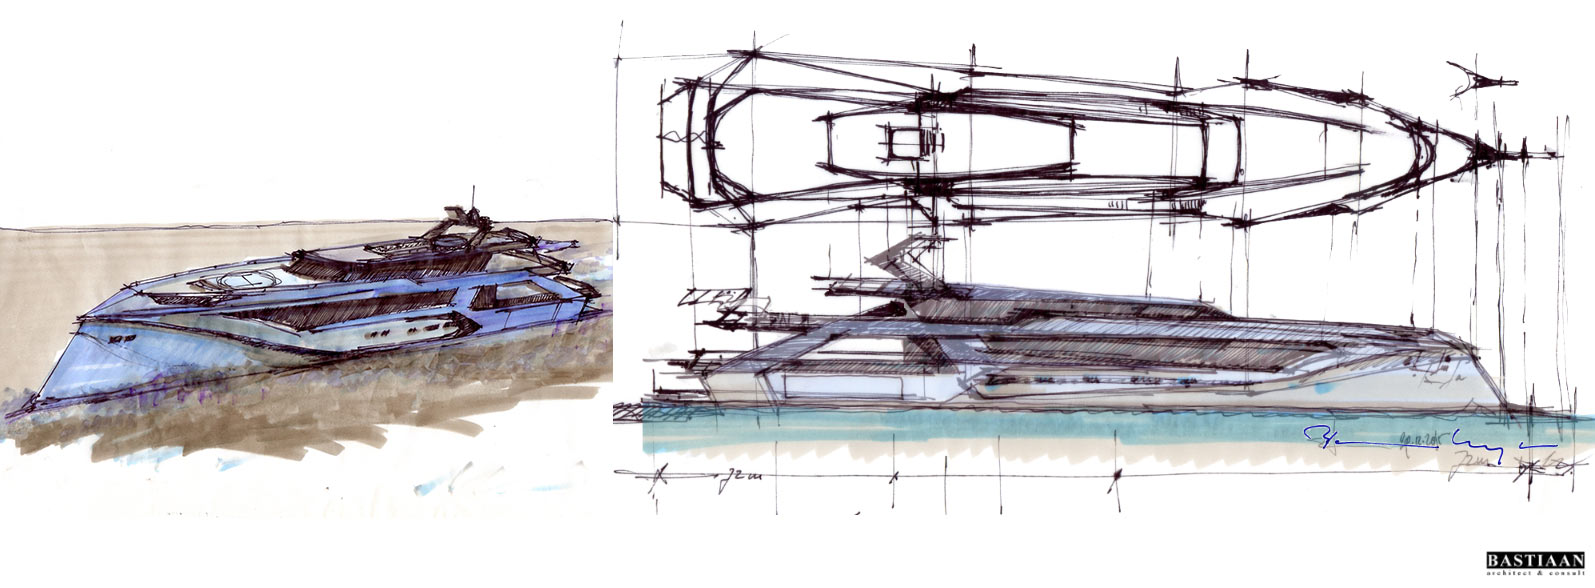 jachtbouw | woonschip | havenmaritiem | innovatie